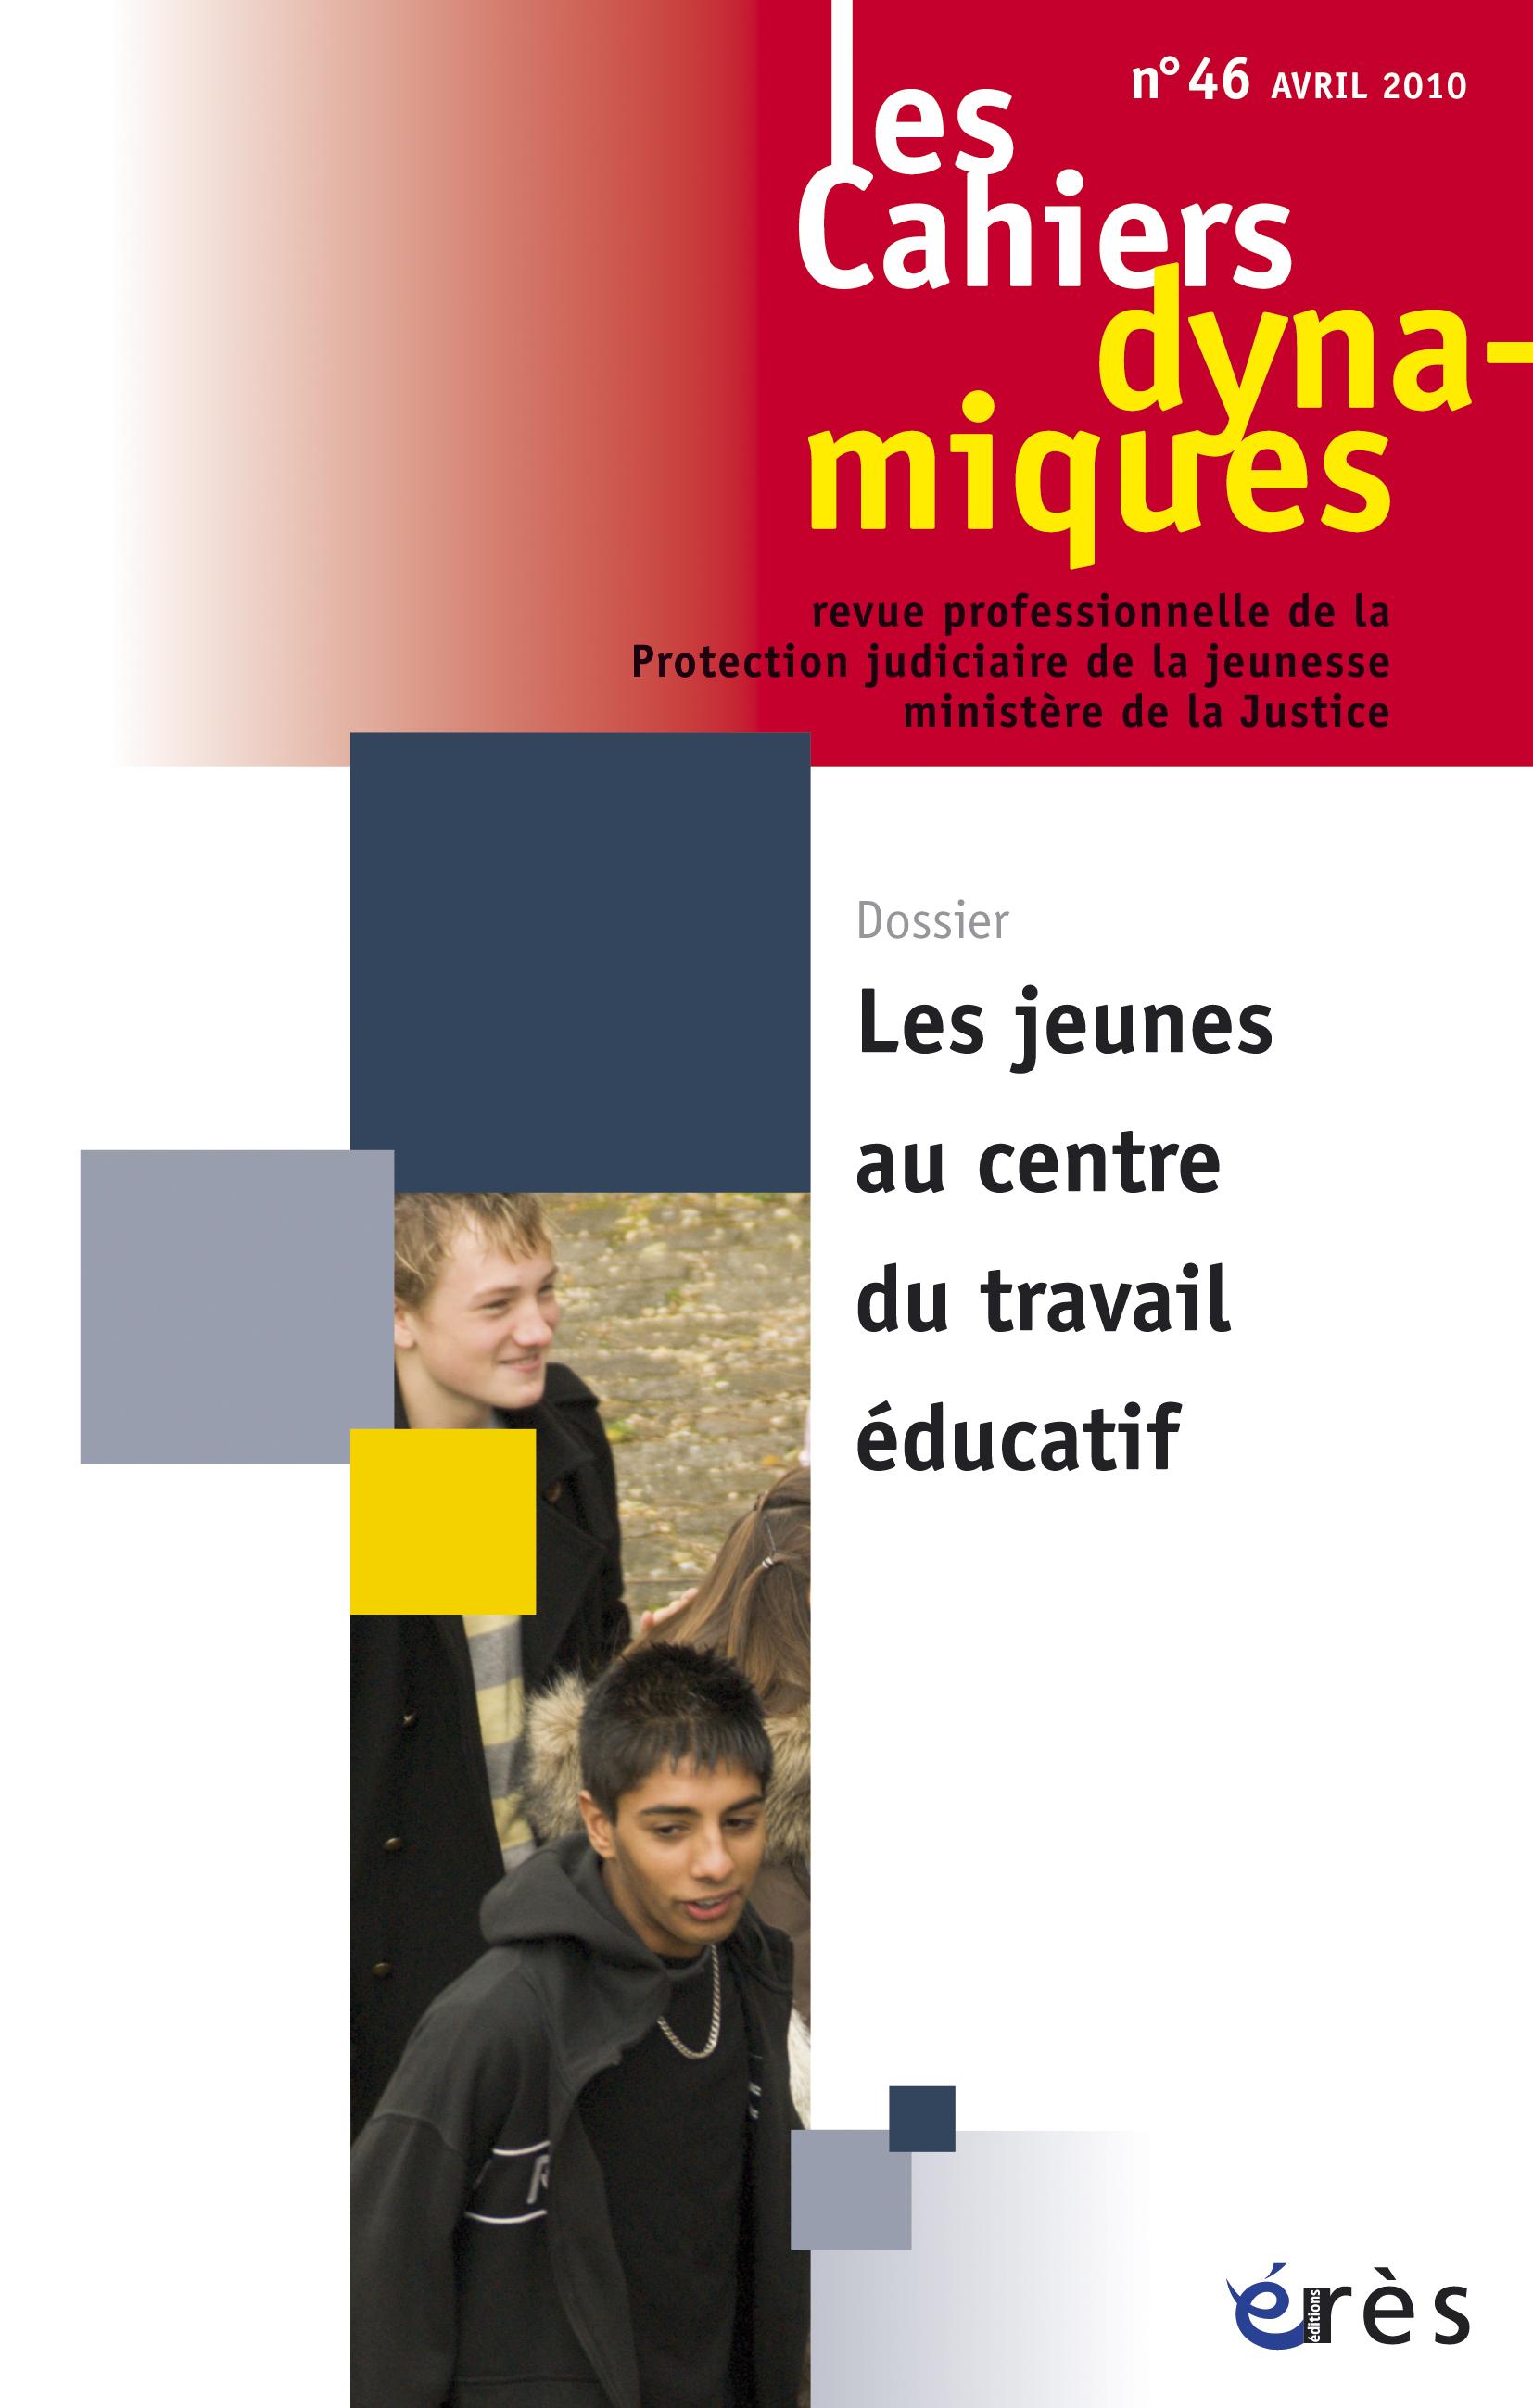 Les jeunes au centre du travail ducatif r s - Centre educatif du palmier ...